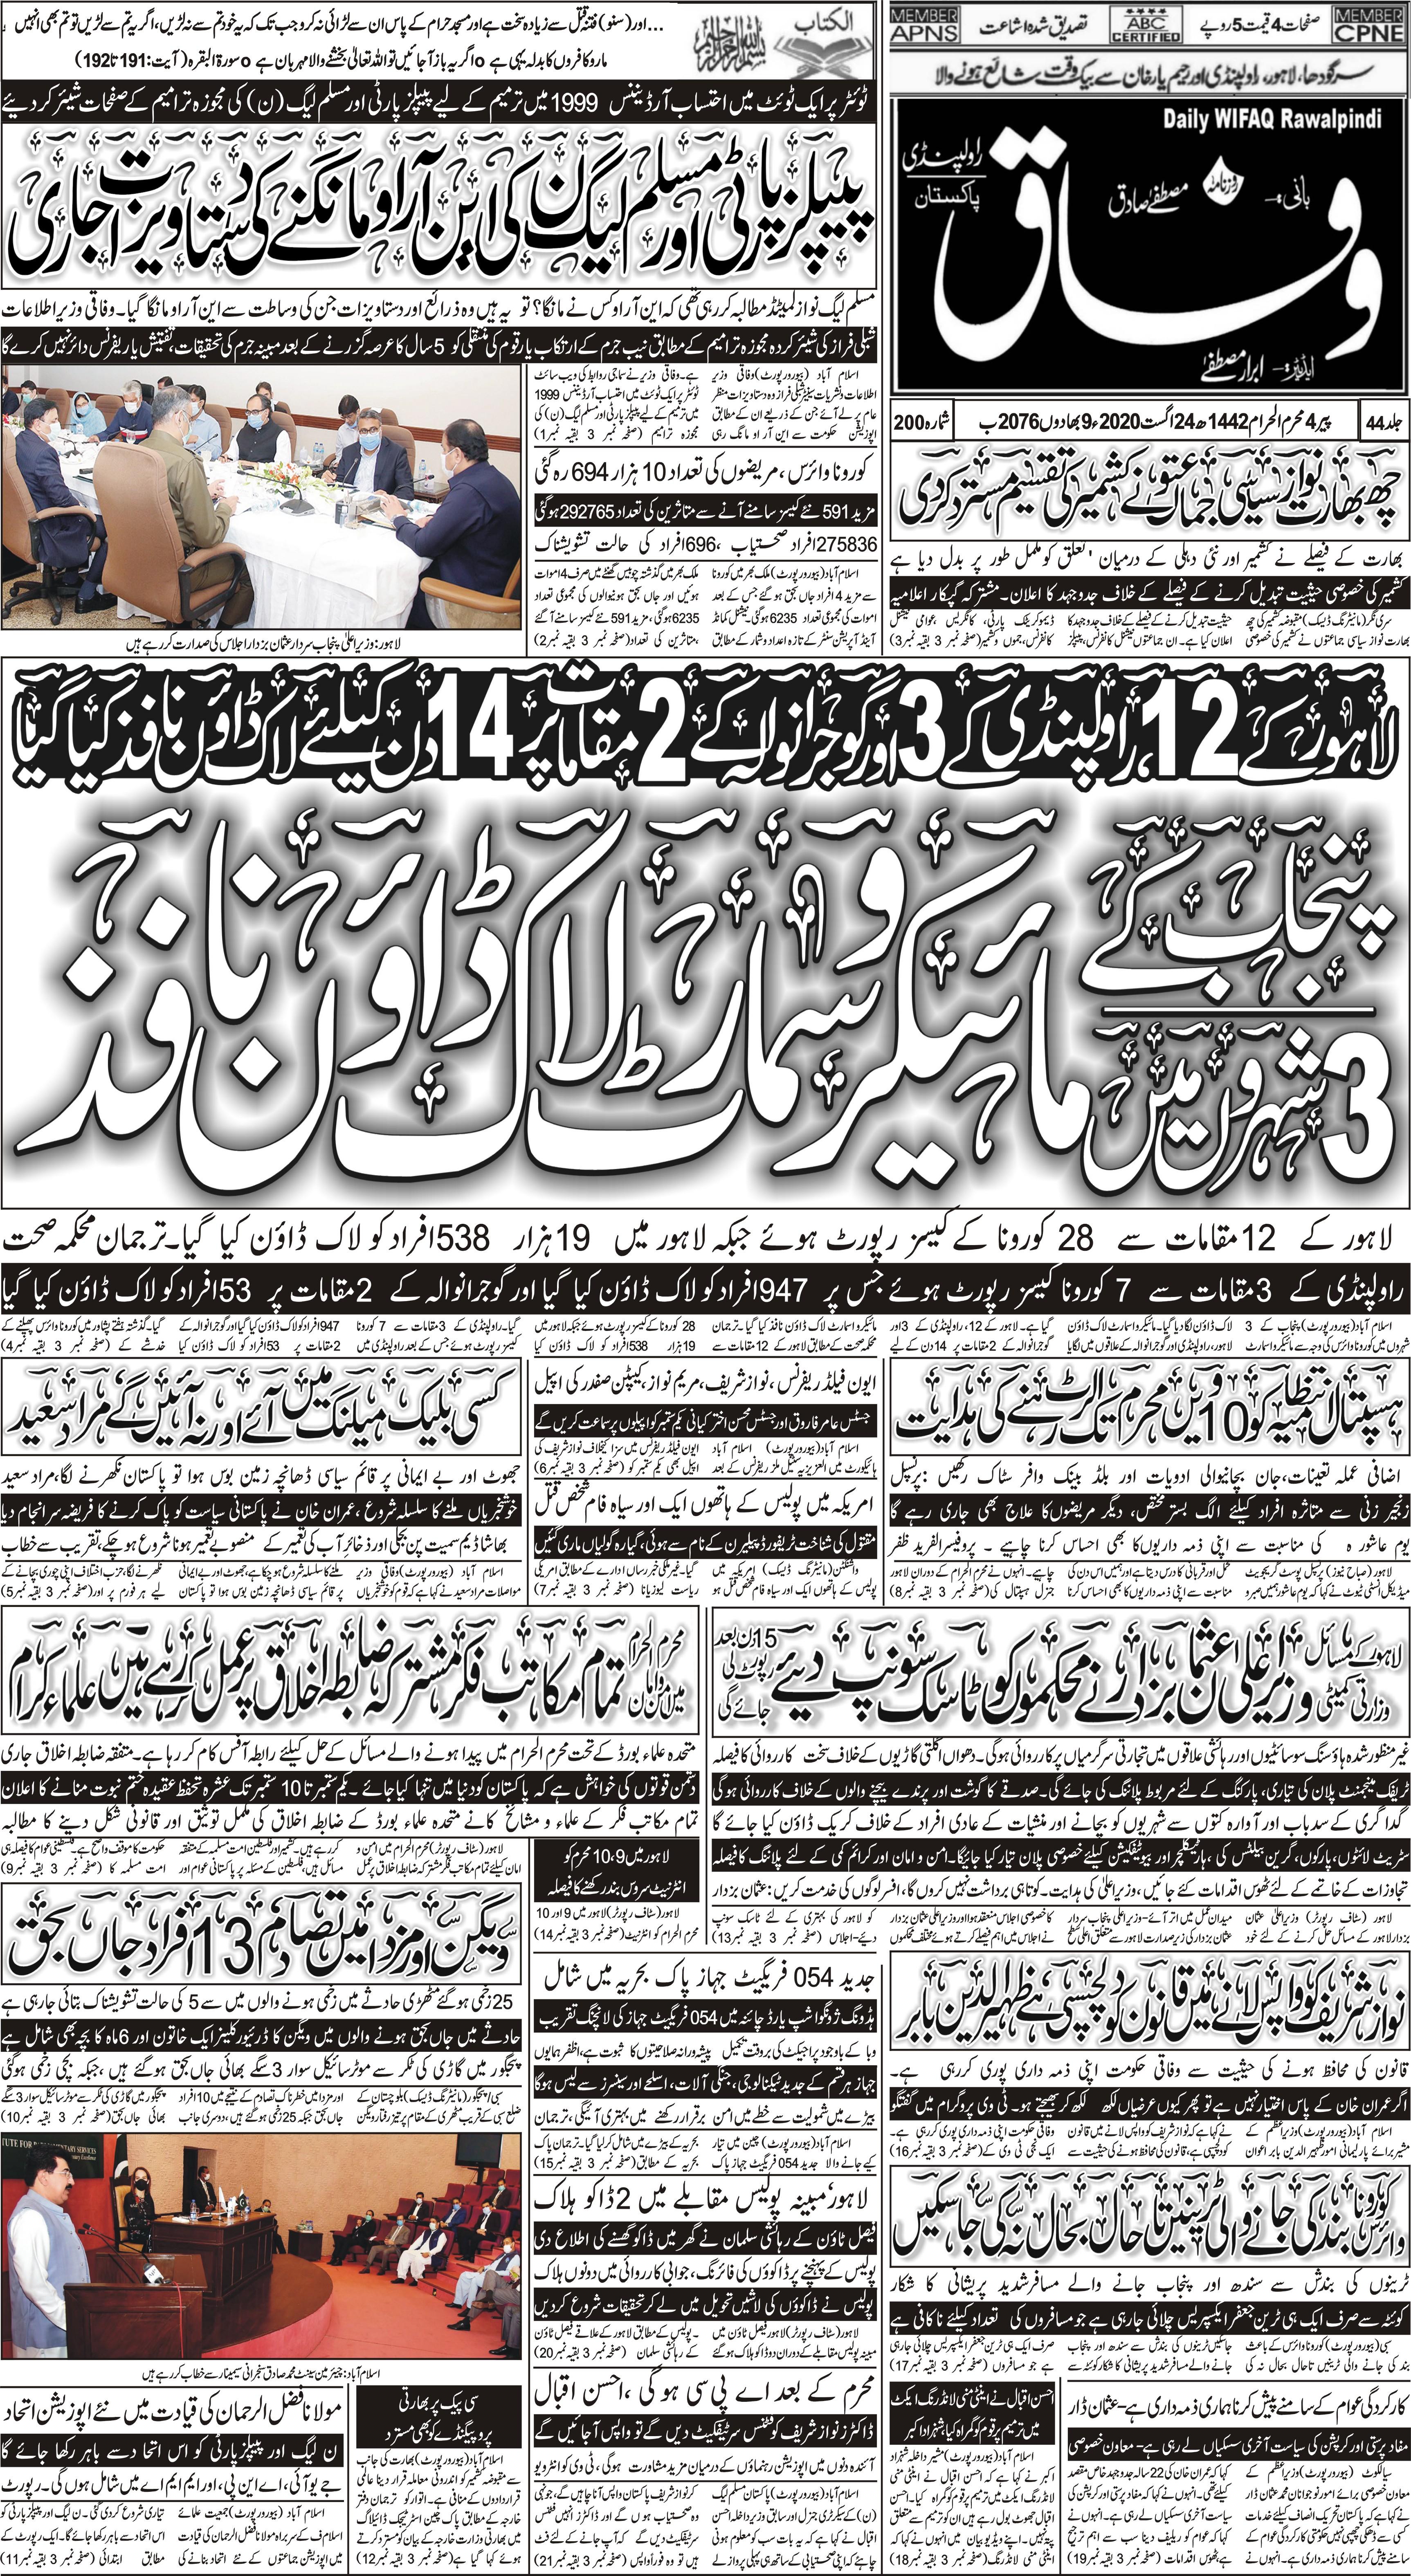 e-Paper – Daily Wifaq – Rawalpindi – 24-08-2020